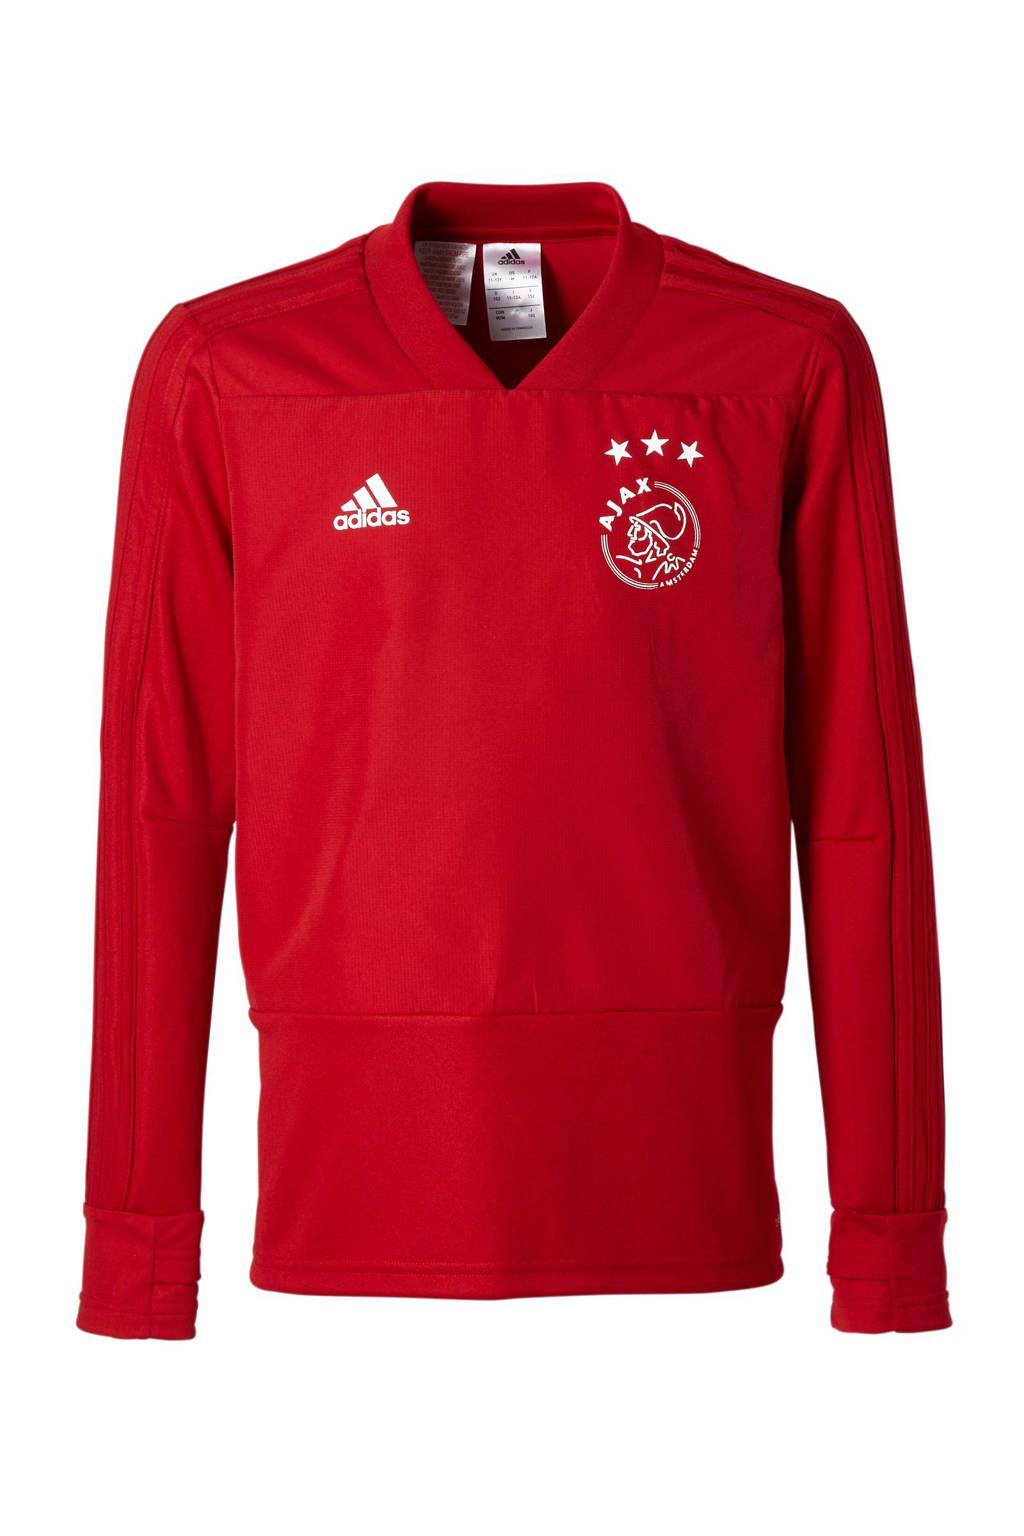 adidas performance Junior Ajax voetbalshirt, Rood